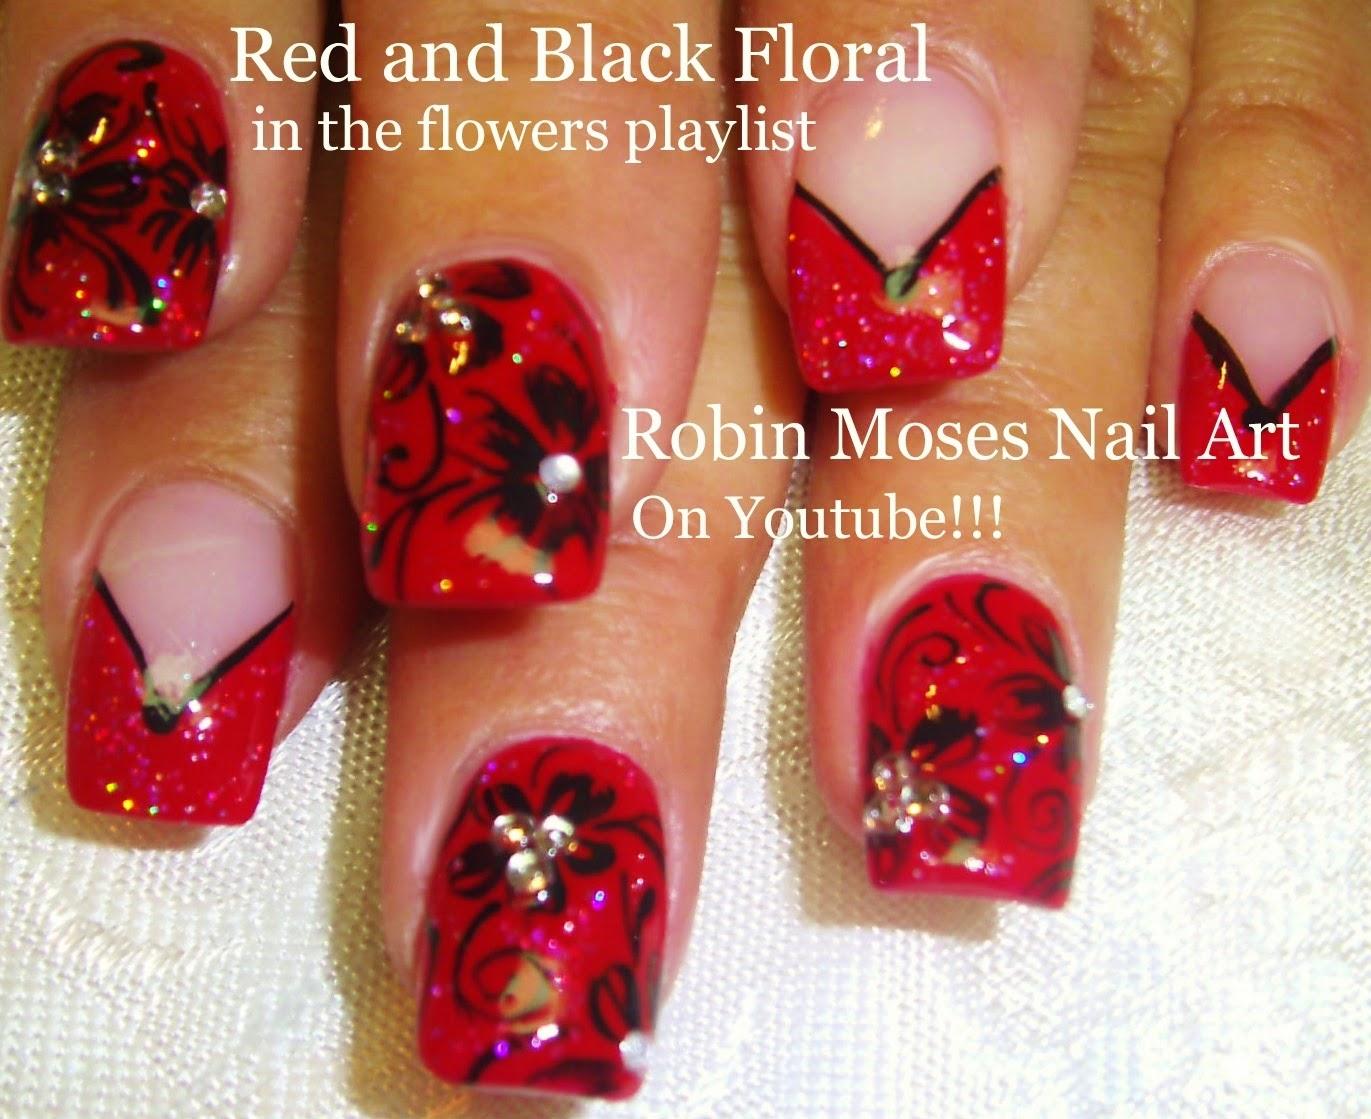 Robin Moses Nail Art: November 2014